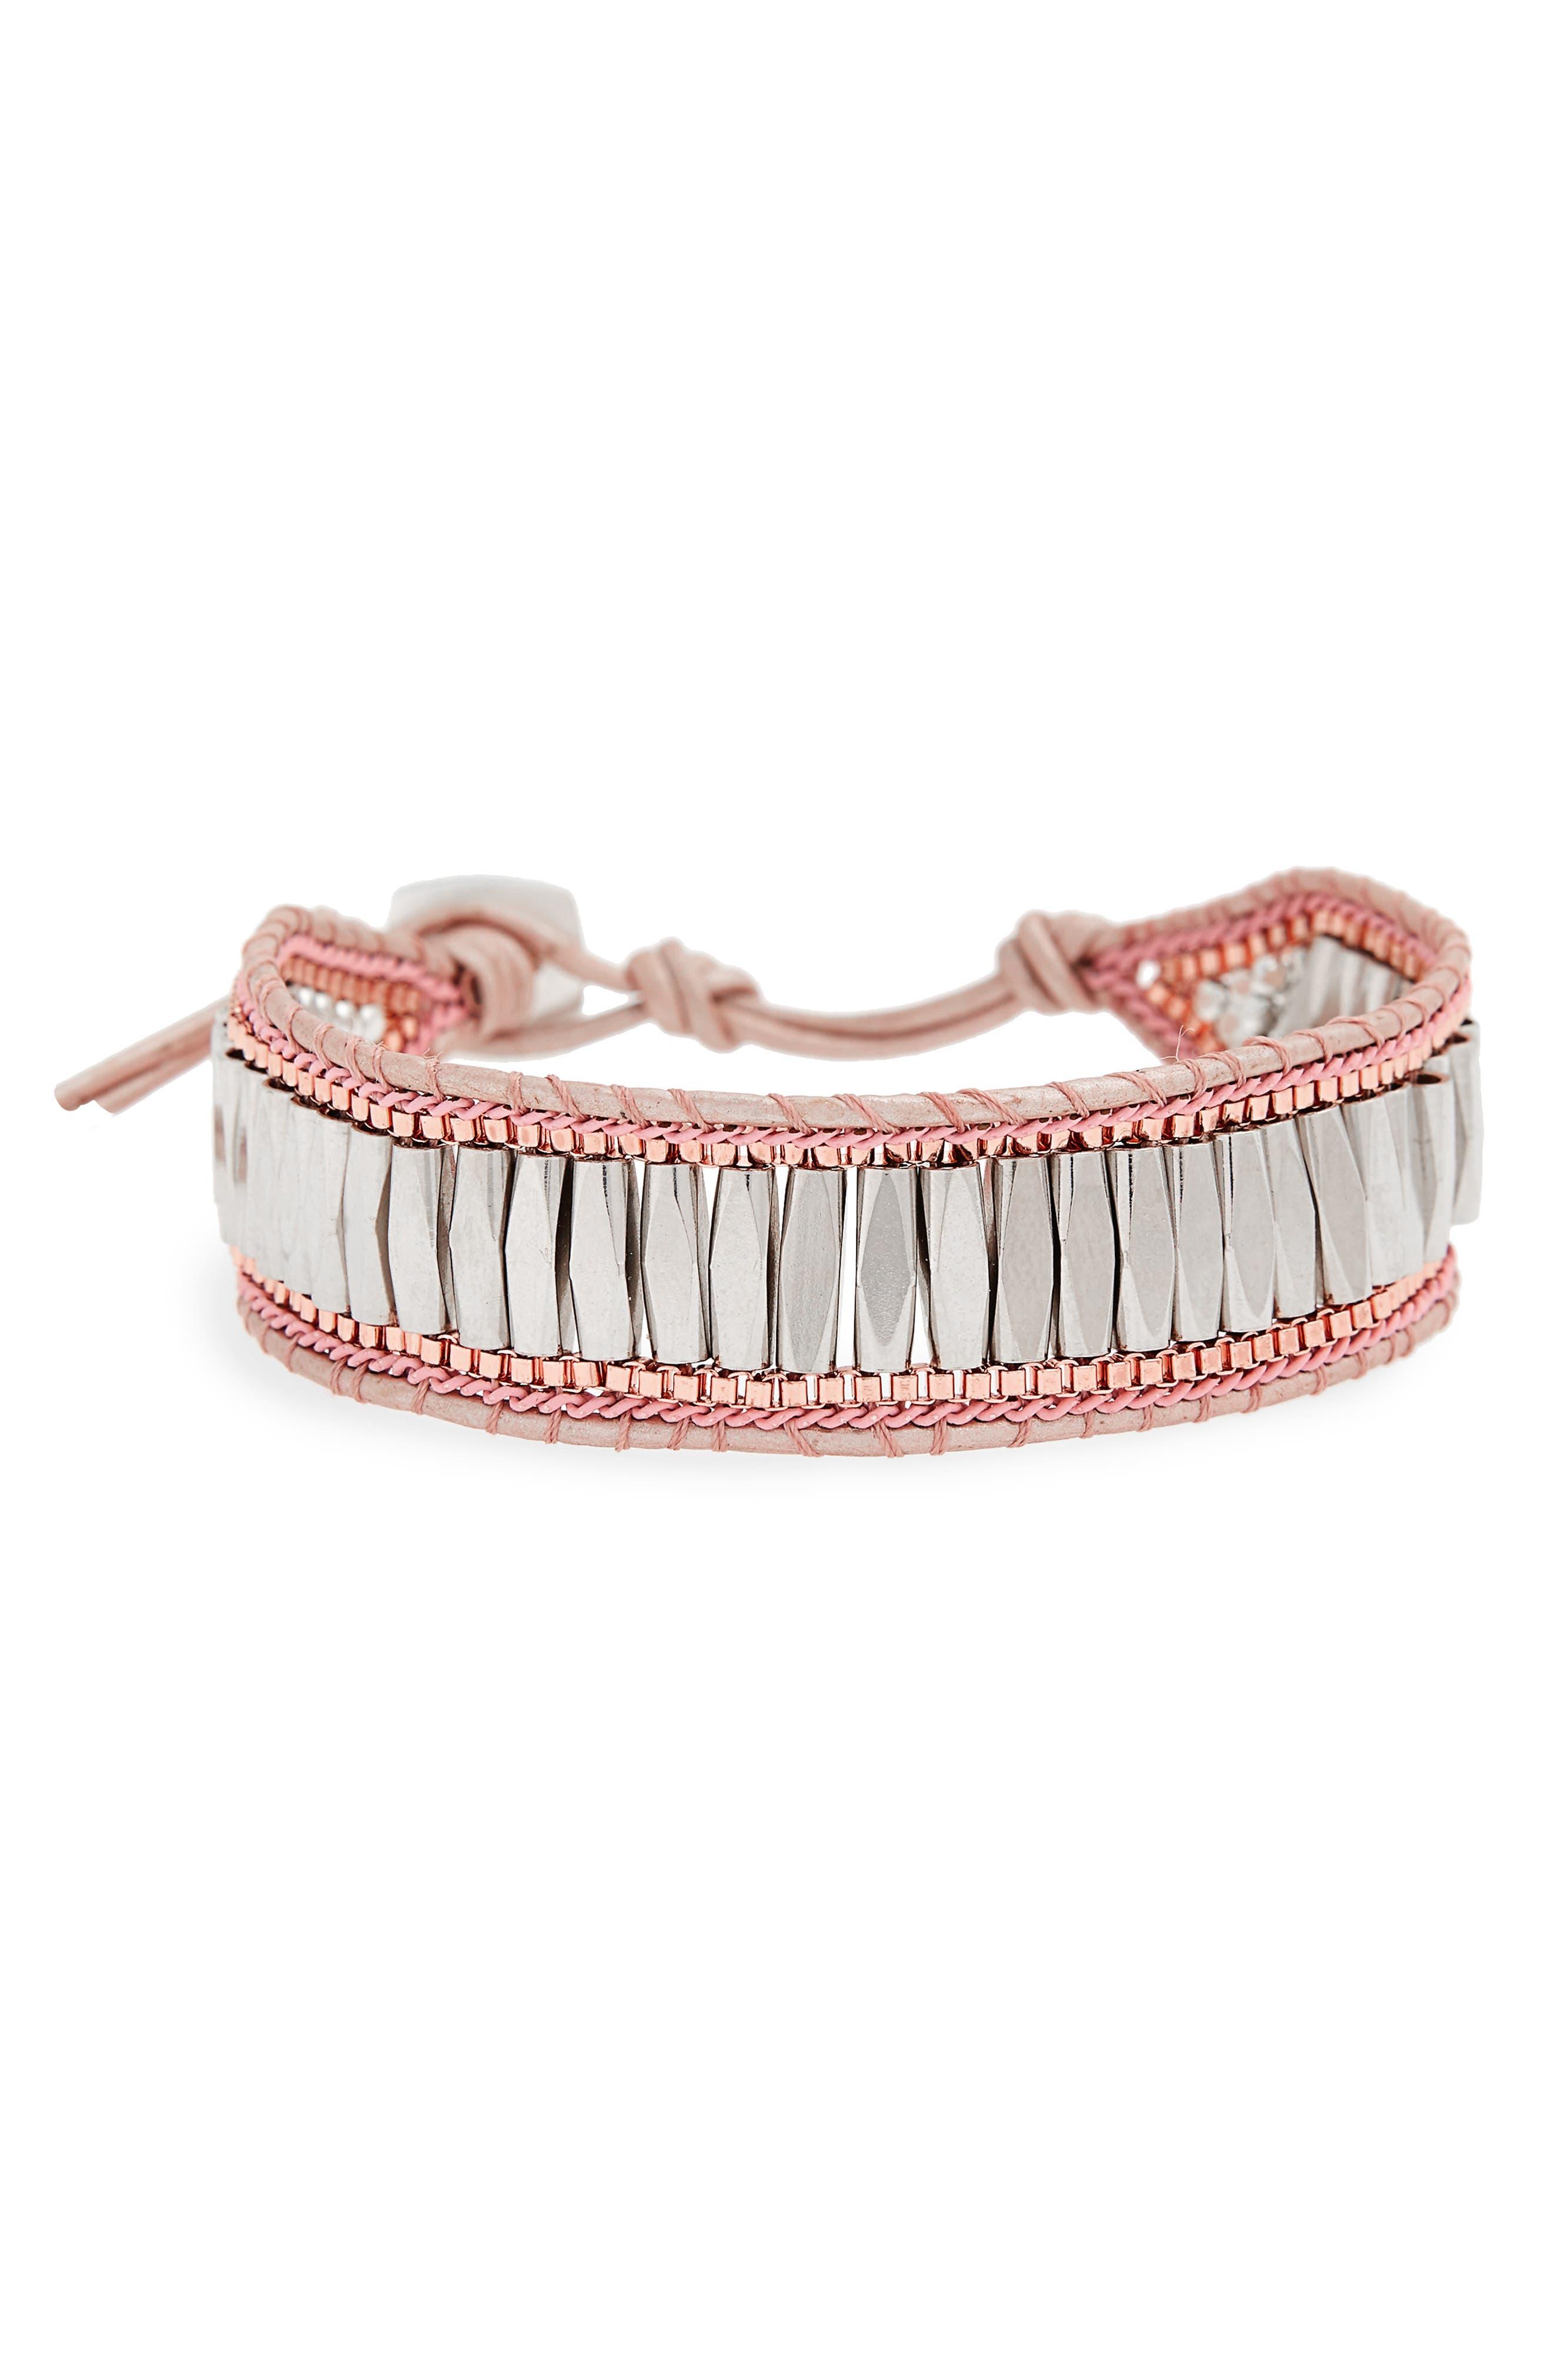 Nakamol Design Beaded Leather Bracelet